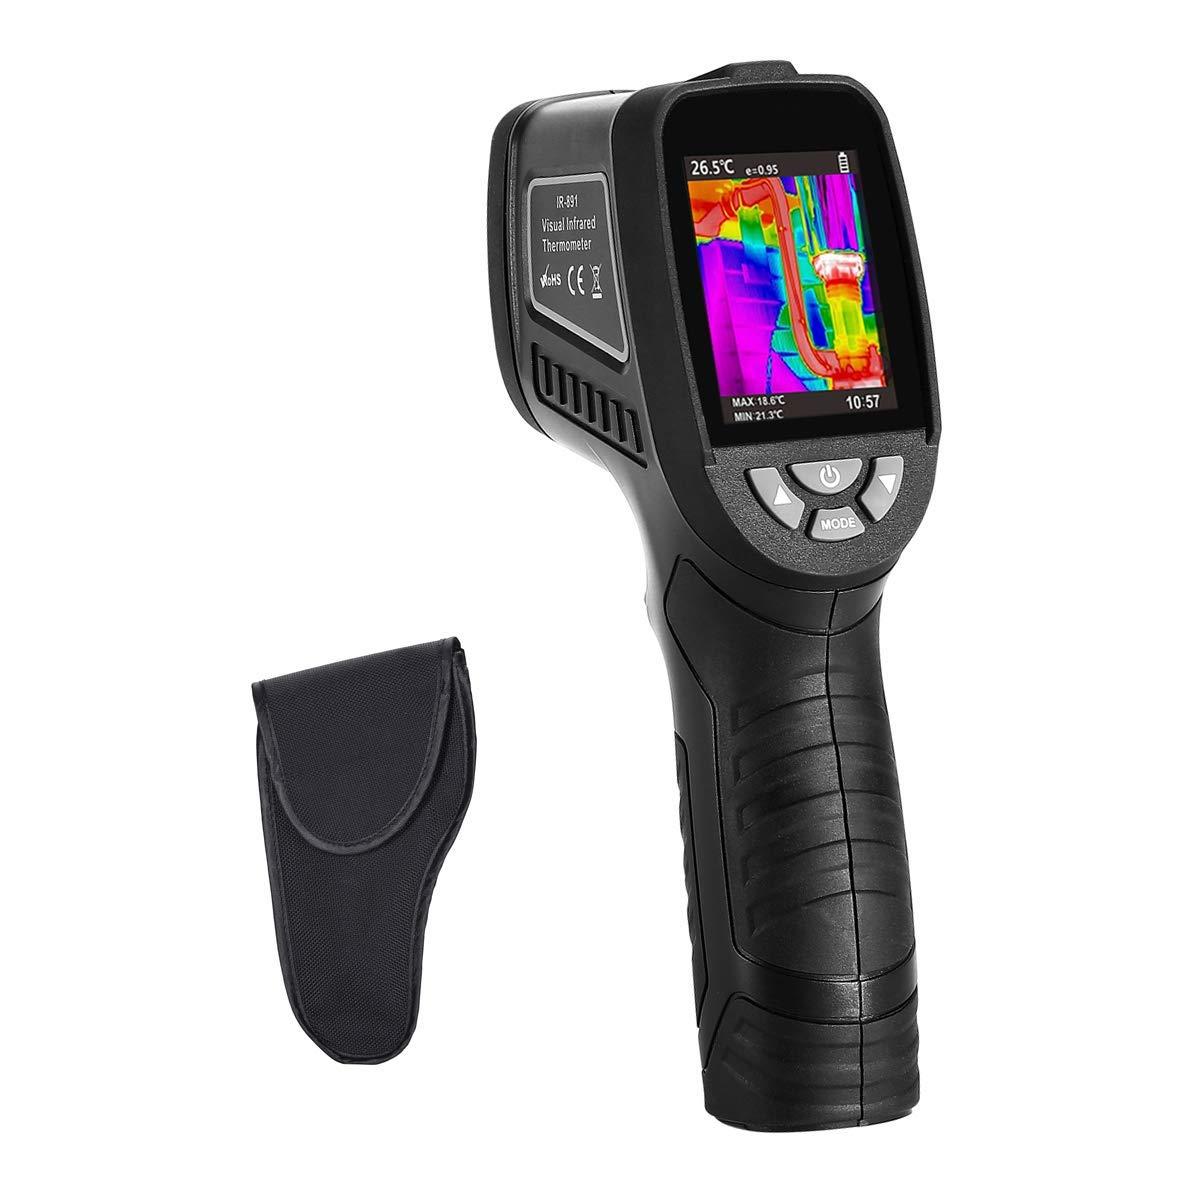 Thermal Imaging Camera-Handheld Infrared Camera